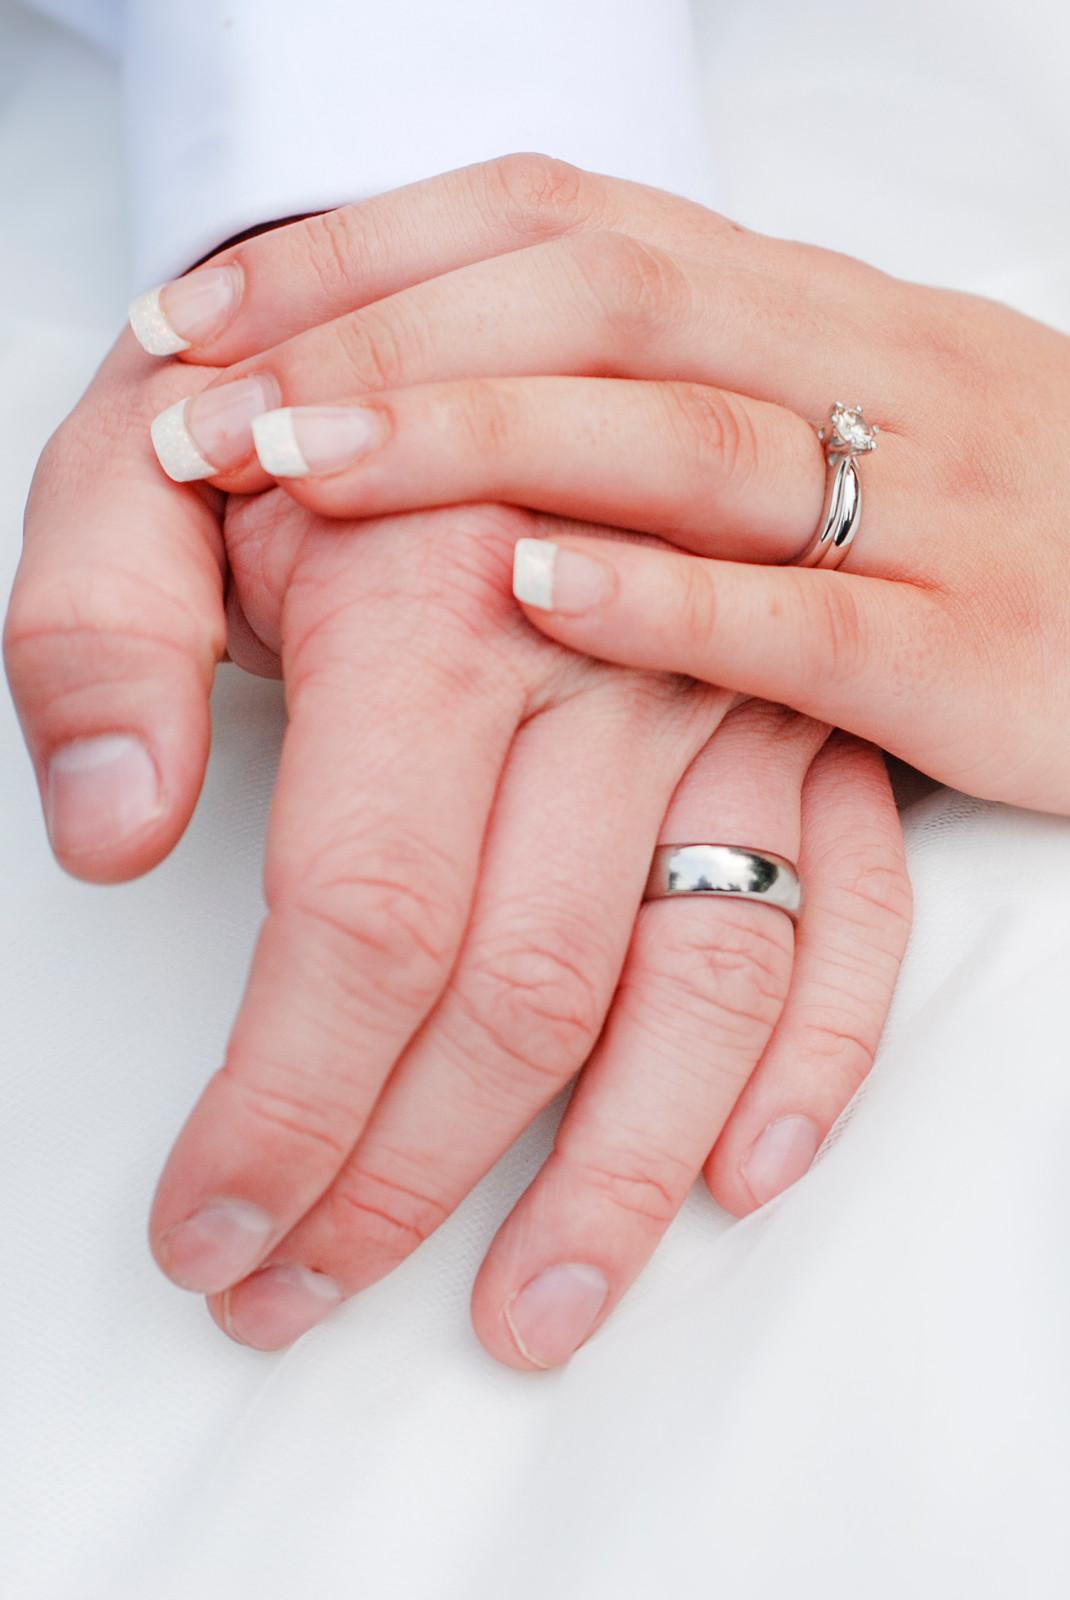 Wedding Photography, Wedding Rings, Husband, Wife, Bride, Groom ...